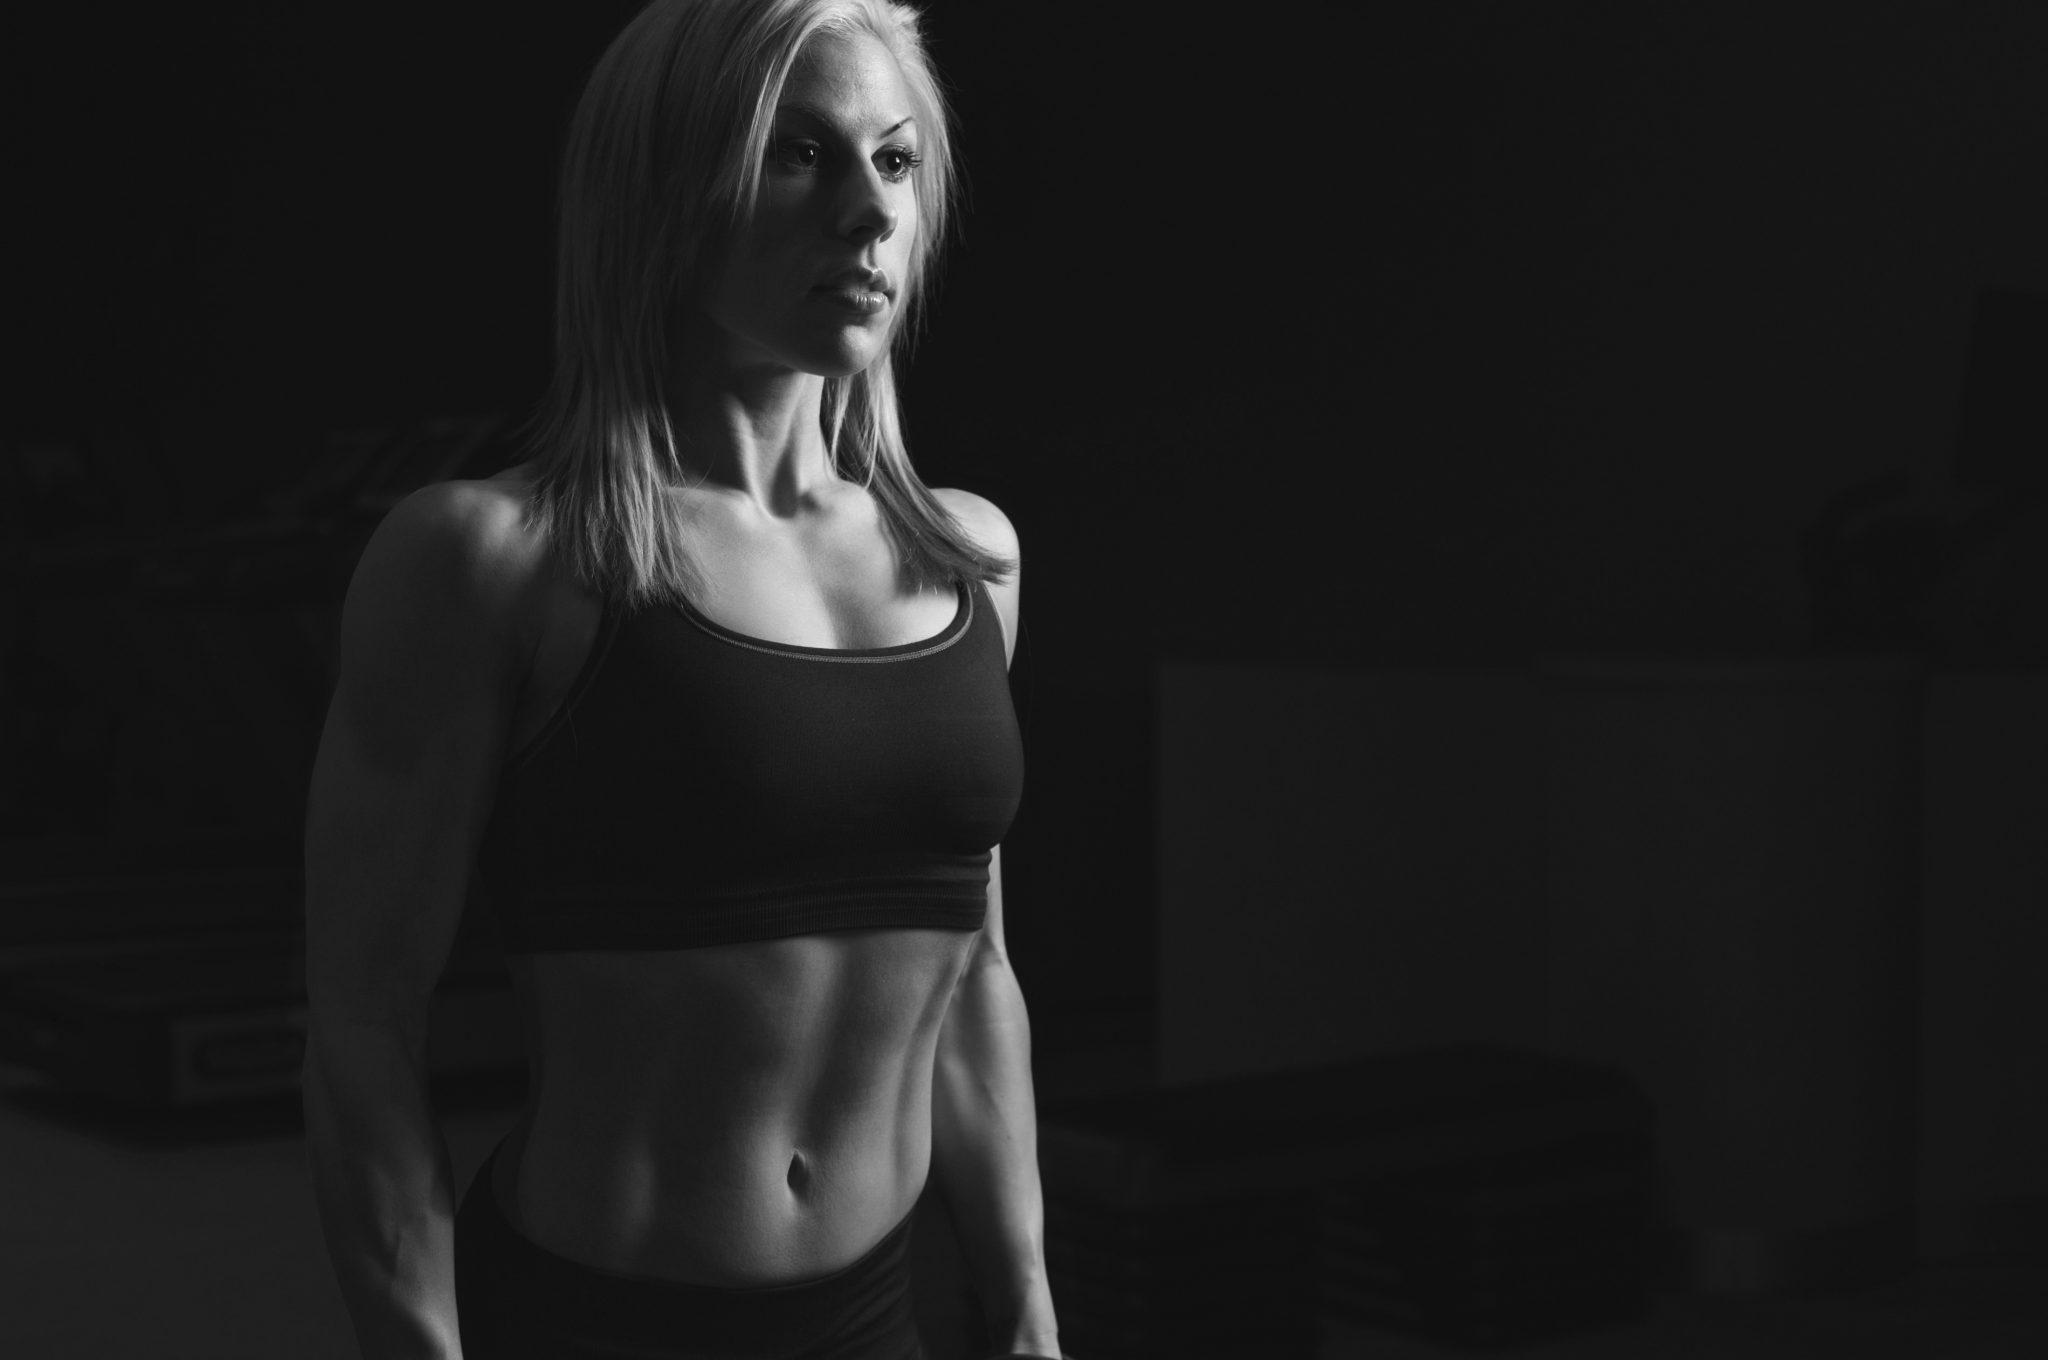 Muscle-flat-tummy BW